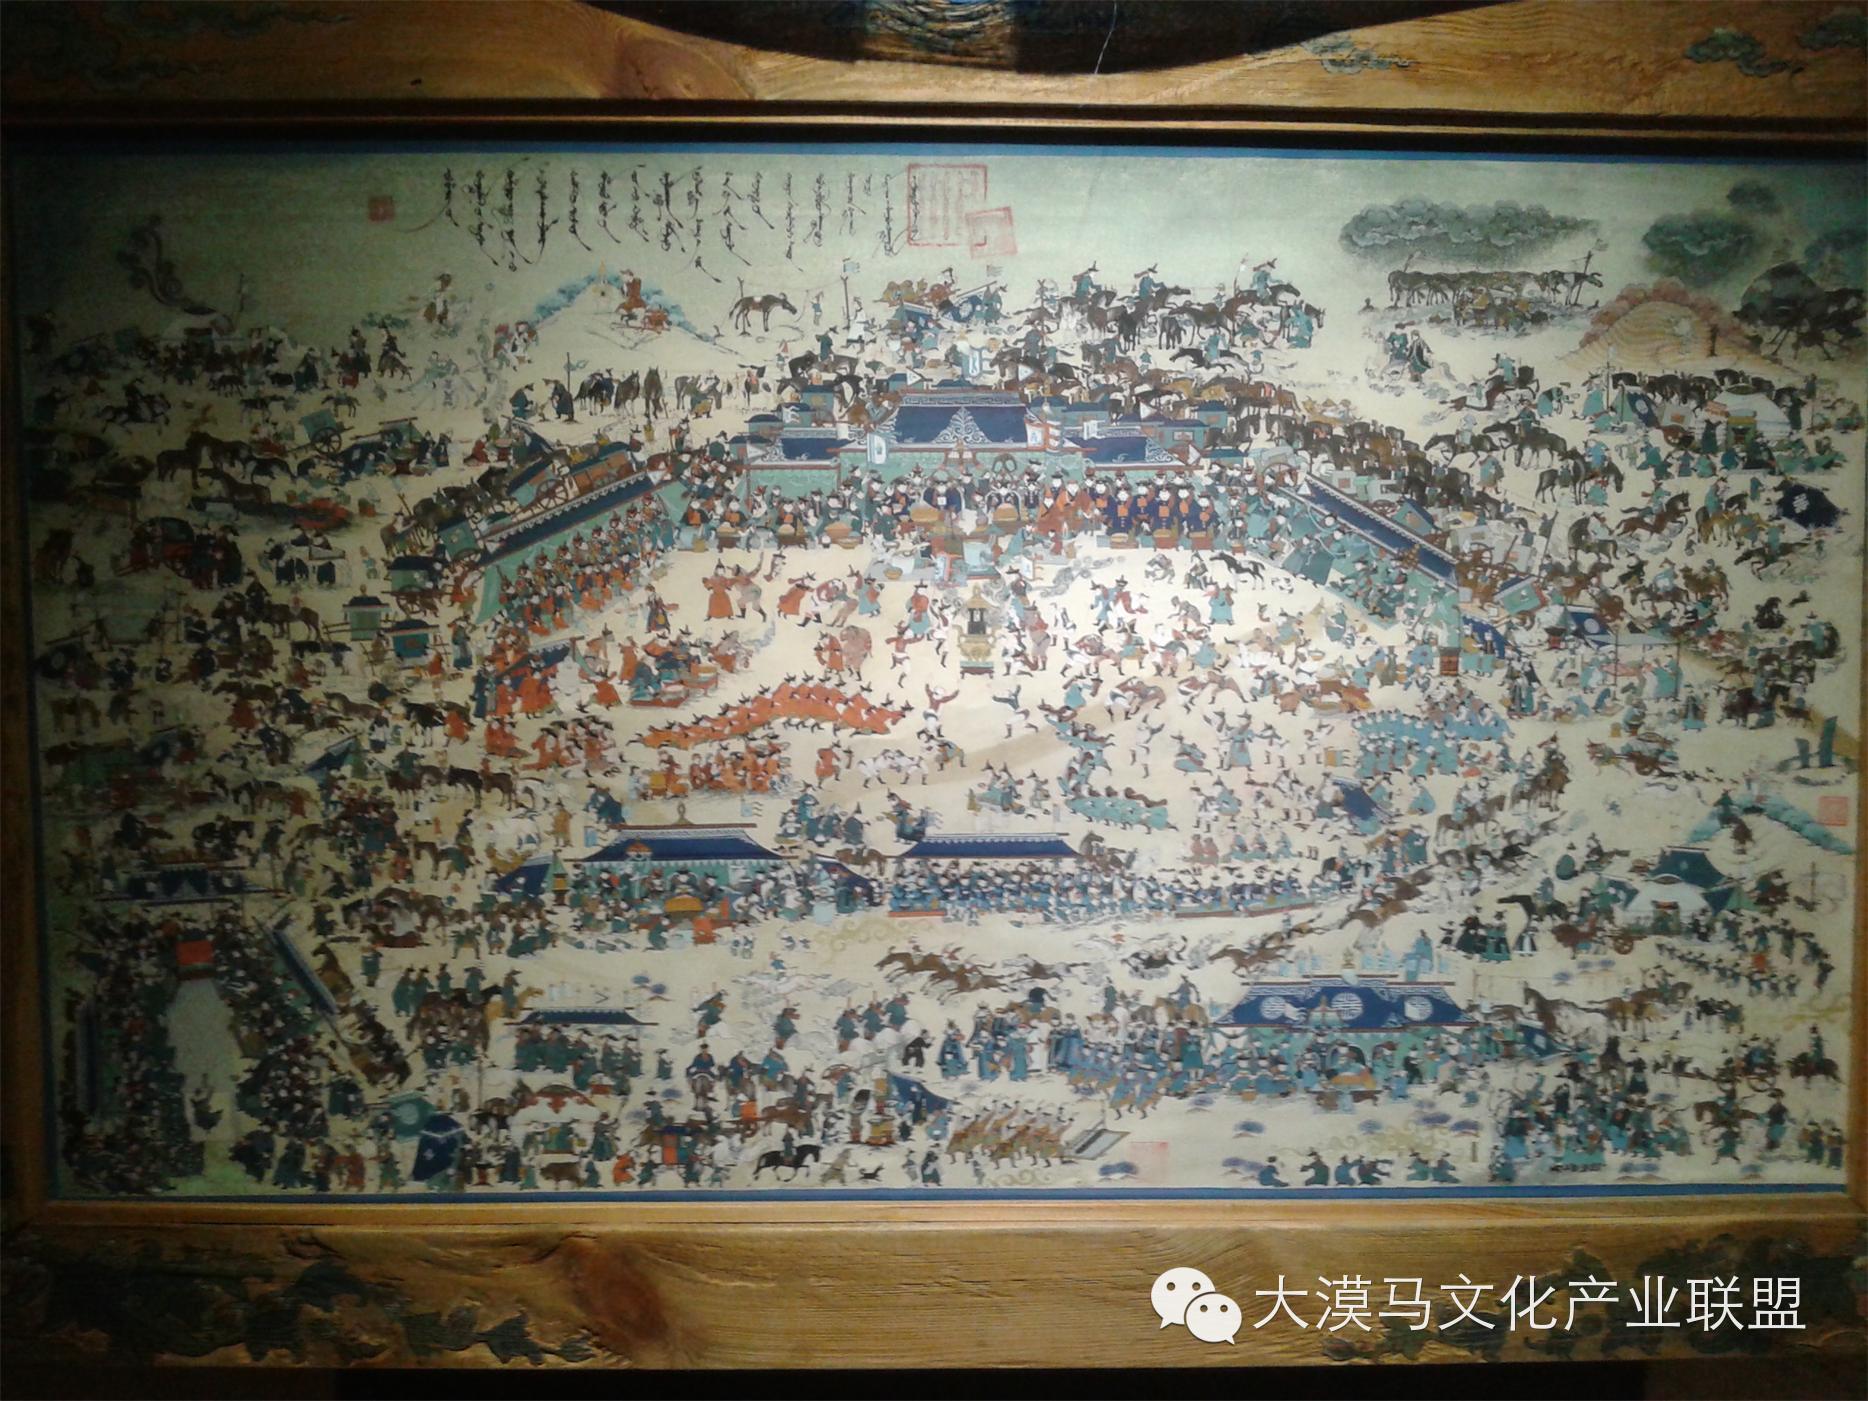 大召当代艺术中心蒙古国画家【拉·苏和巴特尔】 第8张 大召当代艺术中心蒙古国画家【拉·苏和巴特尔】 蒙古画廊